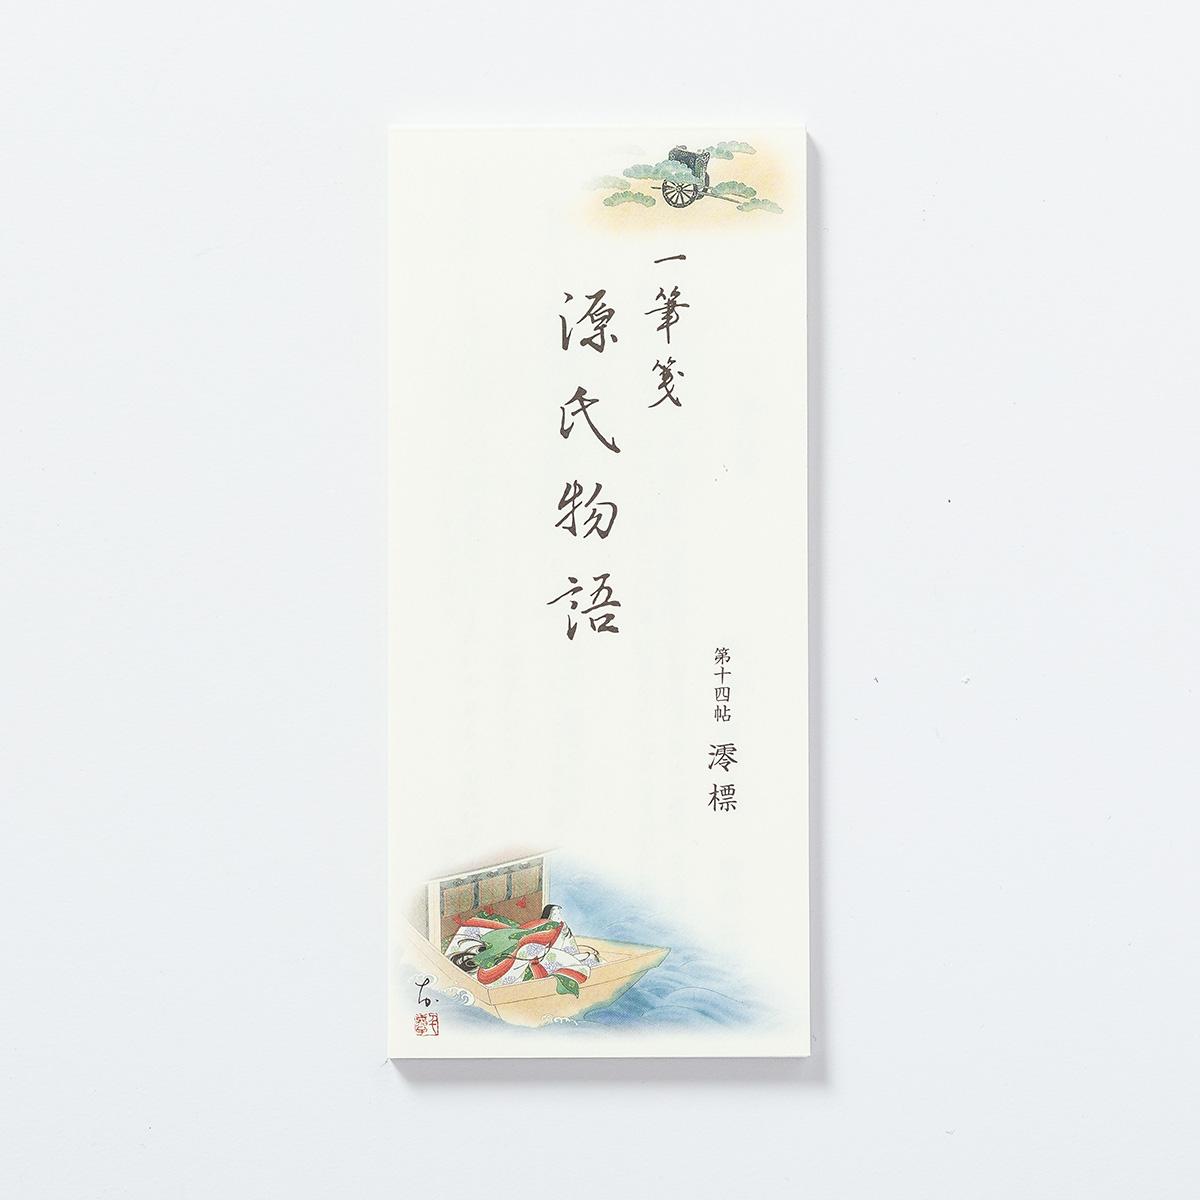 源氏物語一筆箋 第14帖「澪標」